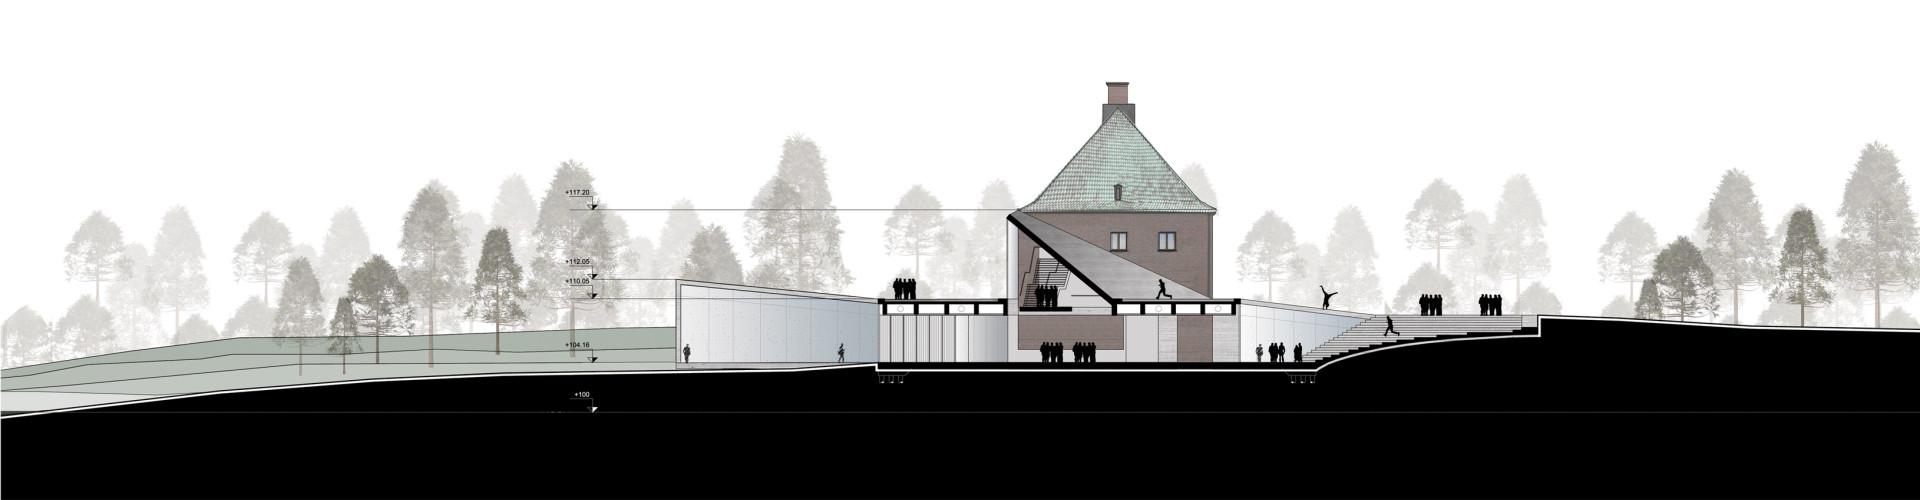 MUSEO-SERLACHIUS-05